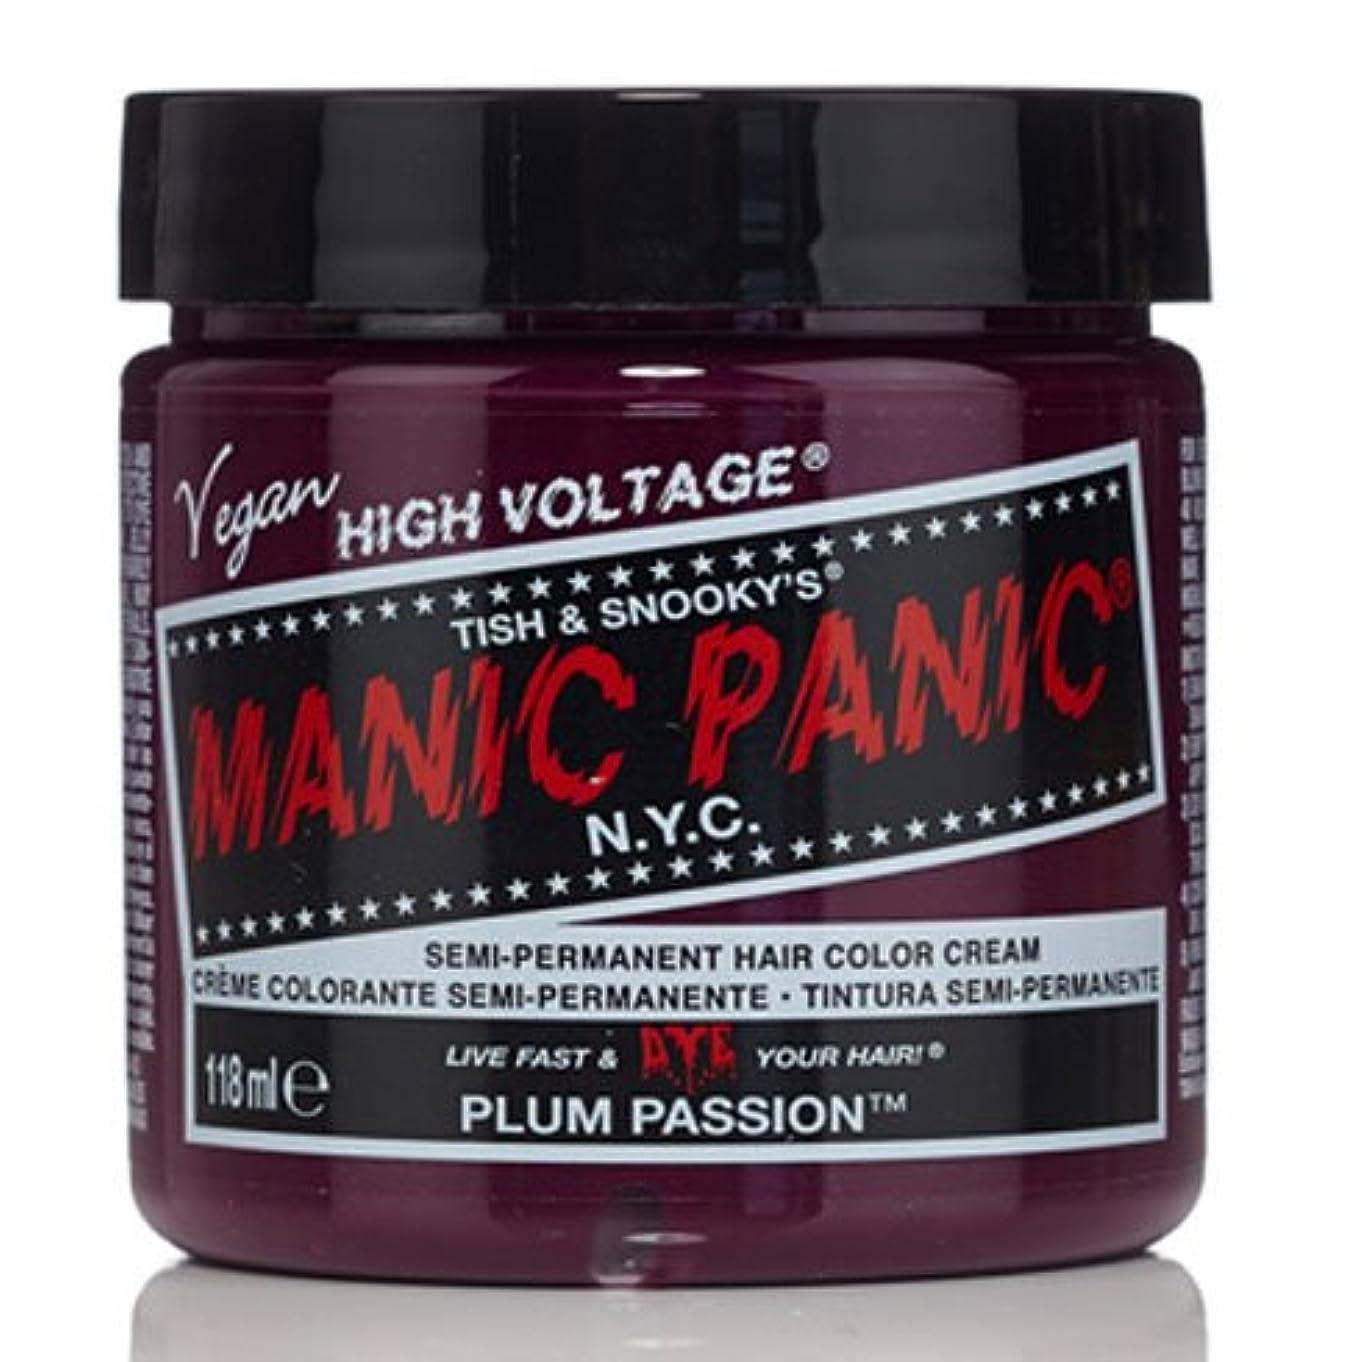 図版金銭的なスペシャルセットMANIC PANICマニックパニック:PLUM PASSION (プラムパッション)+ヘアカラーケア4点セット